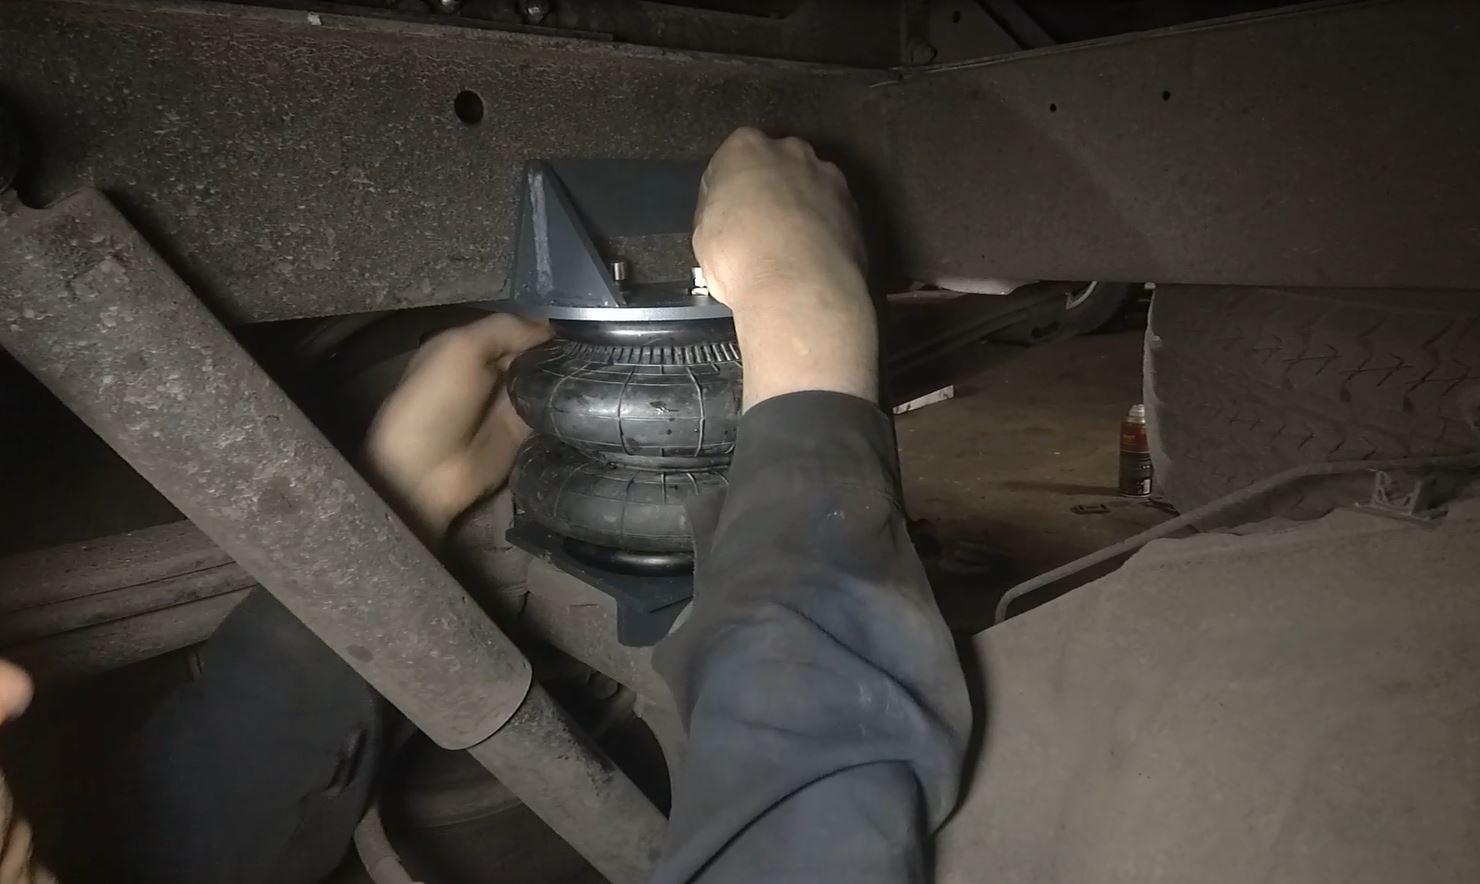 Монтаж пневмоподвески на Транзит Спарка грузовой